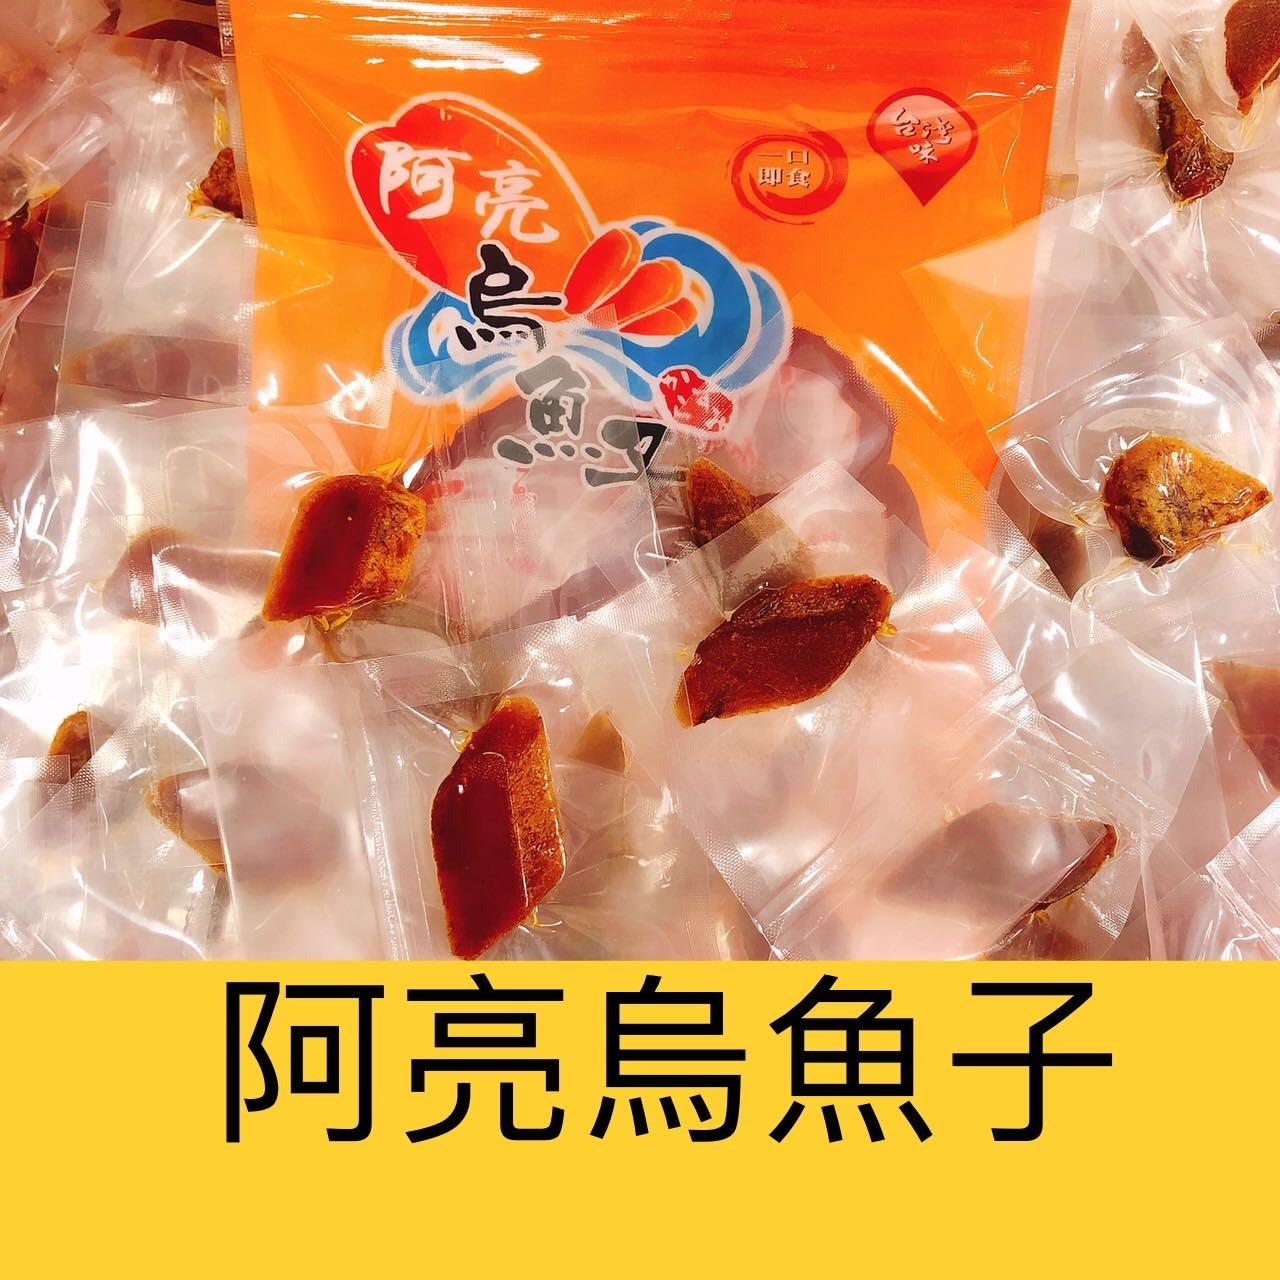 「阿亮烏魚子」(熟食)血子小塊一口烏魚子1包100g有21-23小包